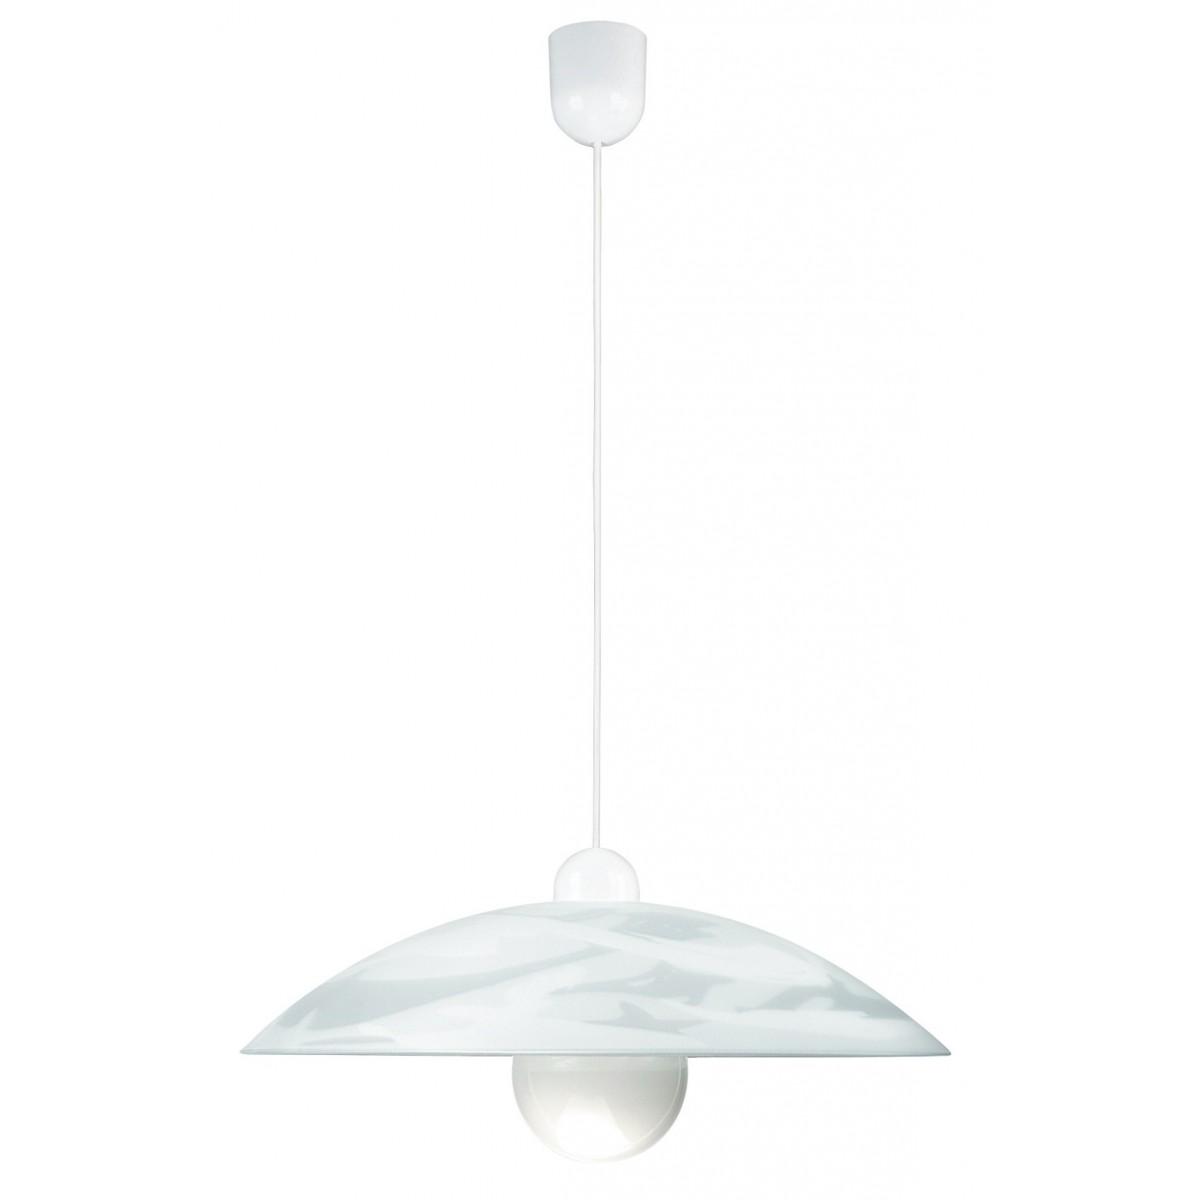 09/04010 - Sospensione diffusore Circolare Vetro decoro Bianco Lampadario Classico E27